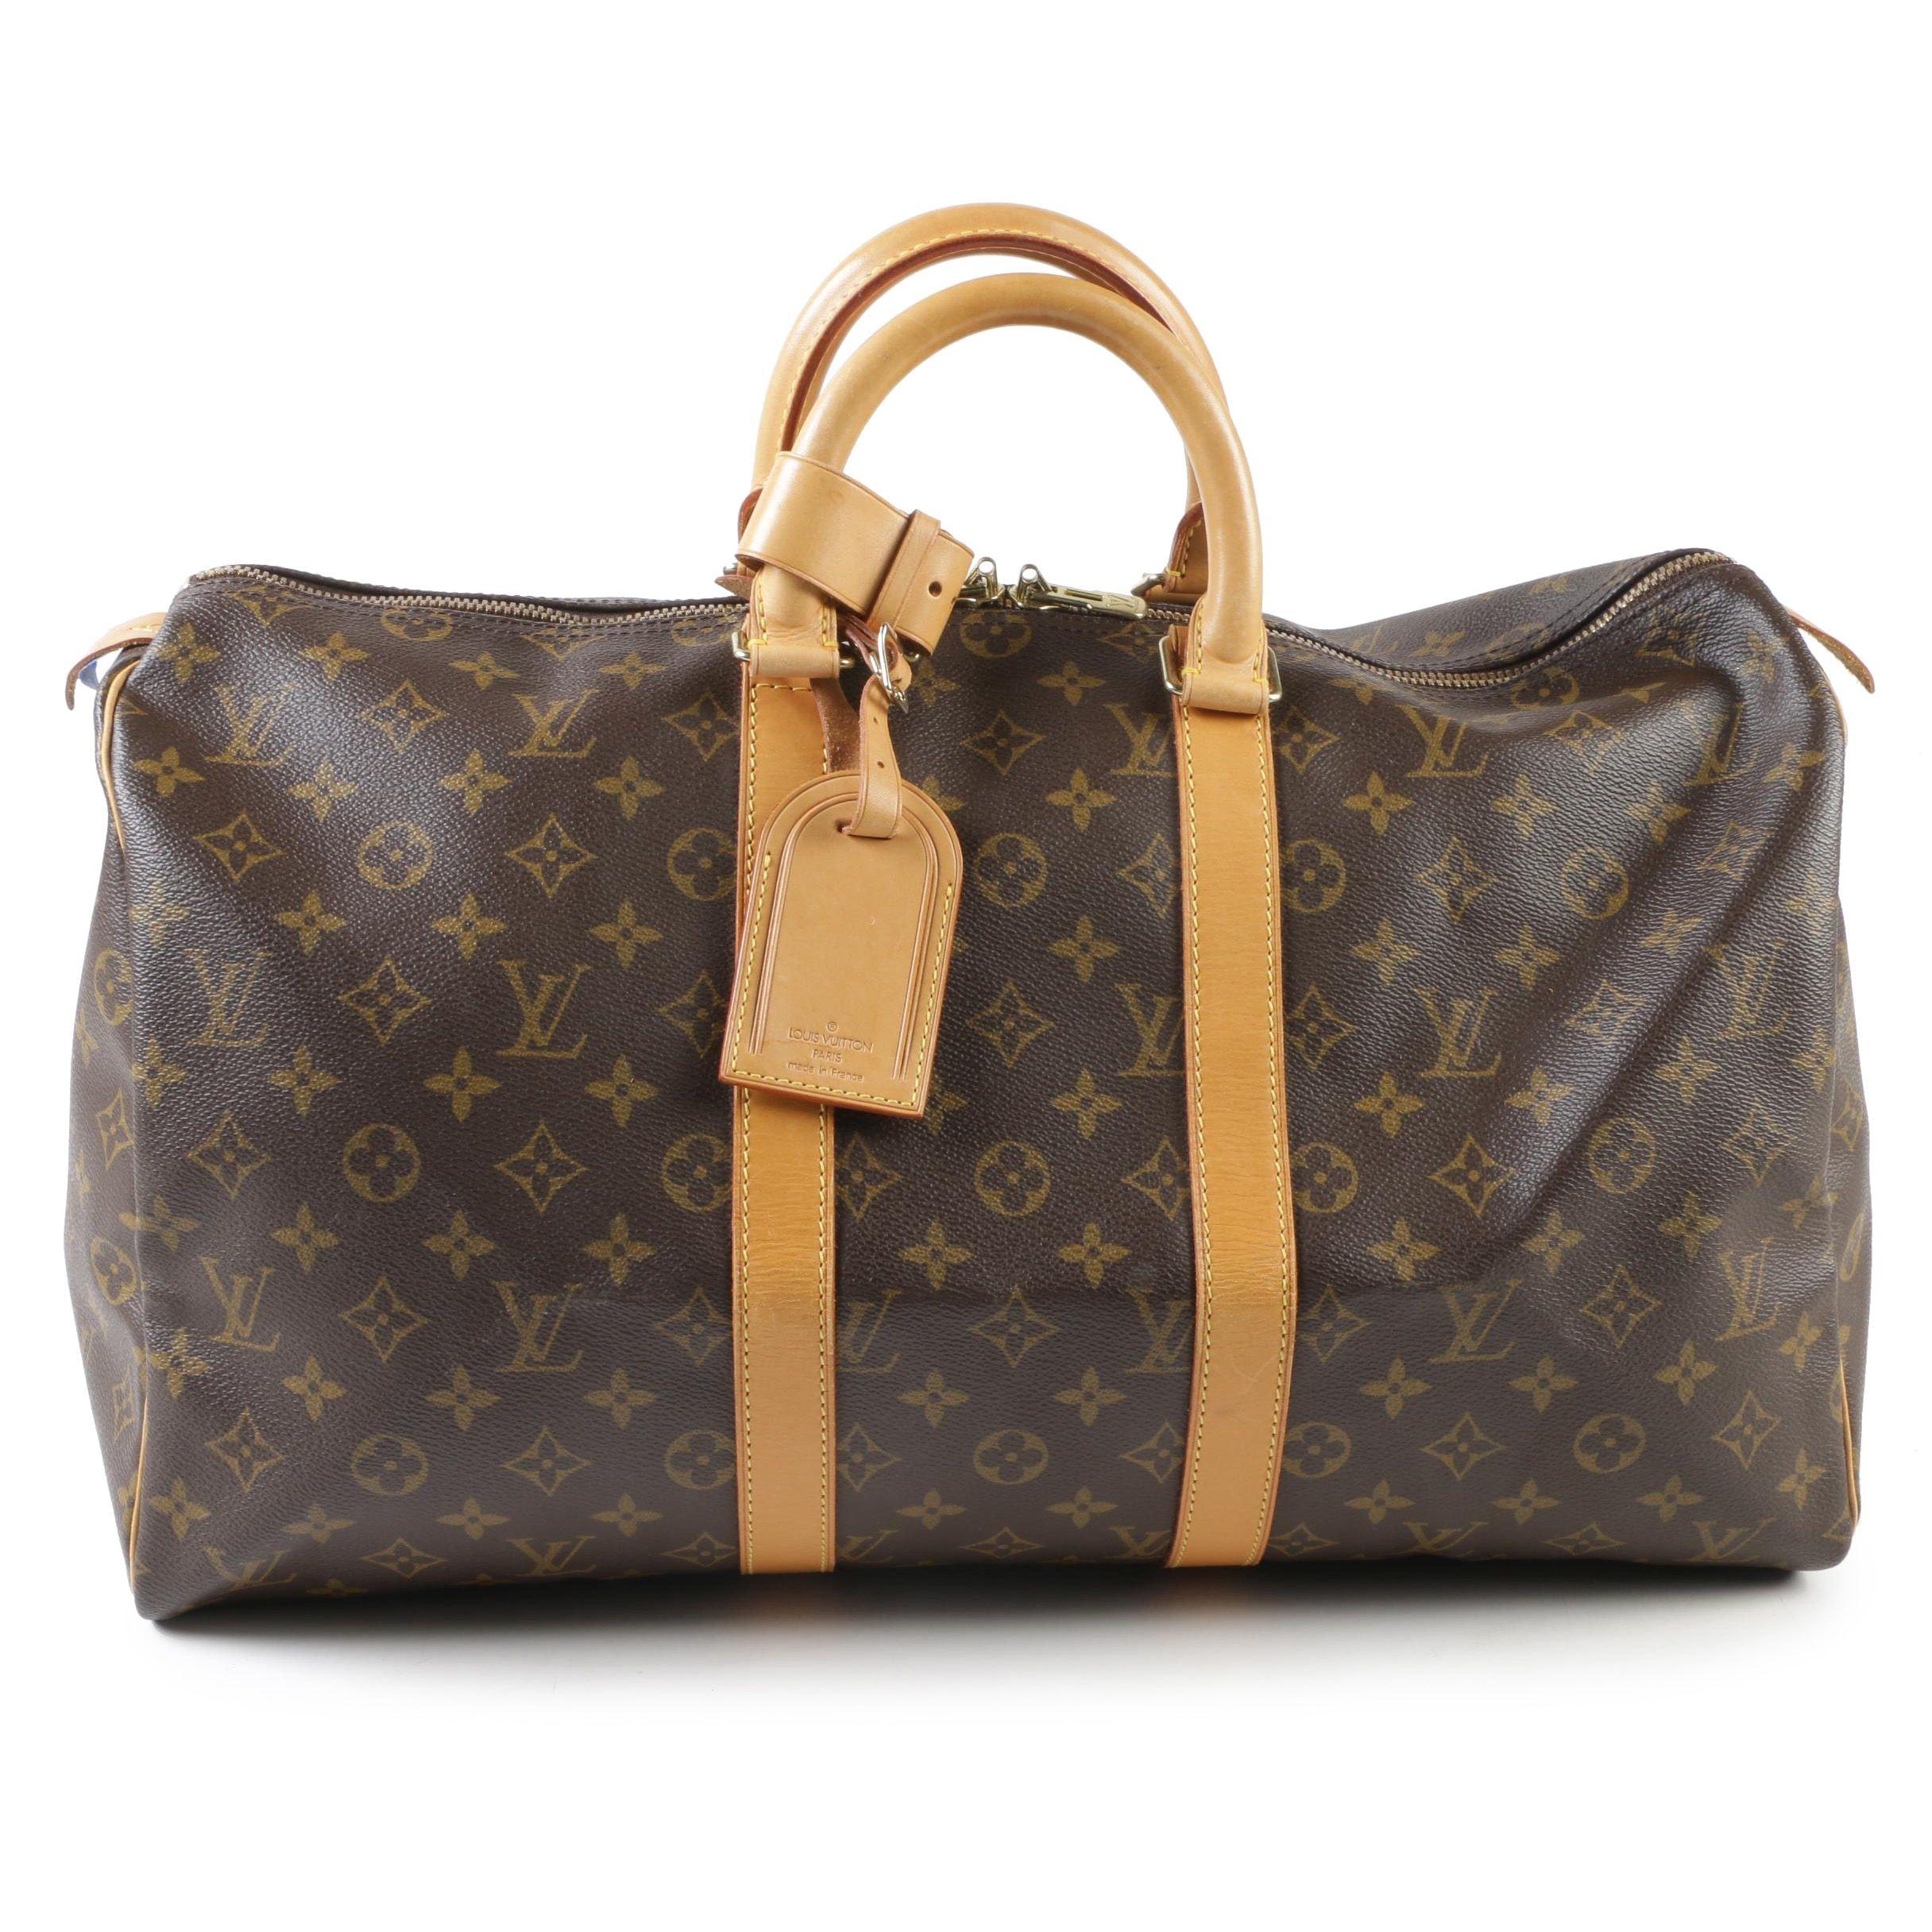 Louis Vuitton Paris Monogram Canvas Keepall 45 Duffel Bag, Made in France